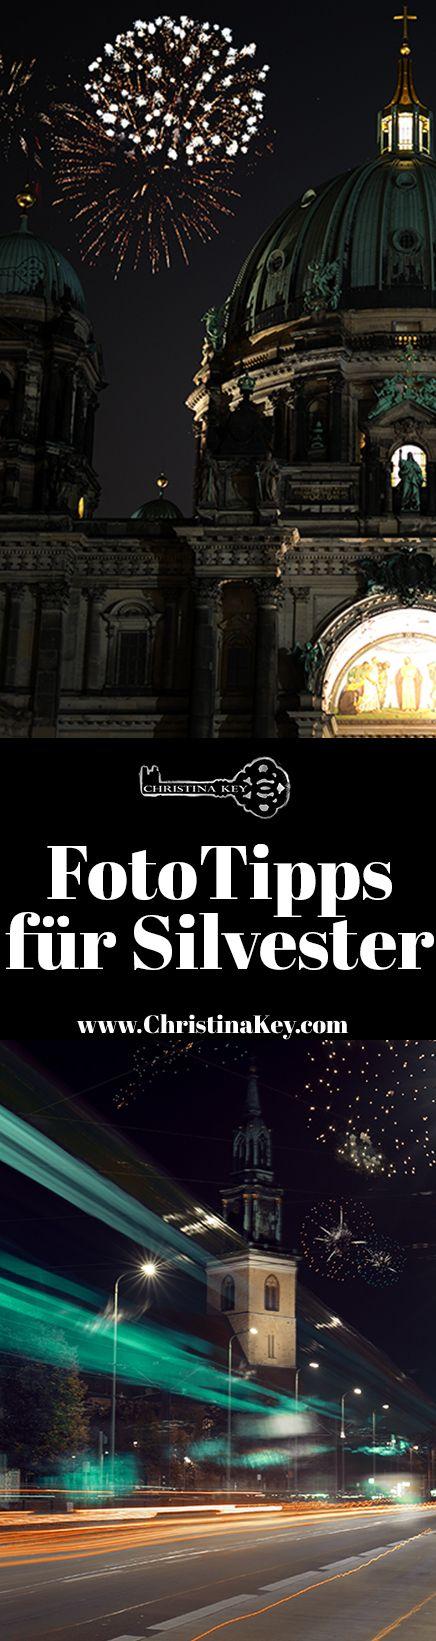 Fotografie Tipps - Mit diesen Tipps und Tricks gelingen Dir geniale Fotos vom Feuerwerk & Co an Silvester! Jetzt entdecken auf CHRISTINA KEY - dem Fotografie, Blogger Tipps, Rezepte, Mode und DIY Blog aus Berlin, Deutschland